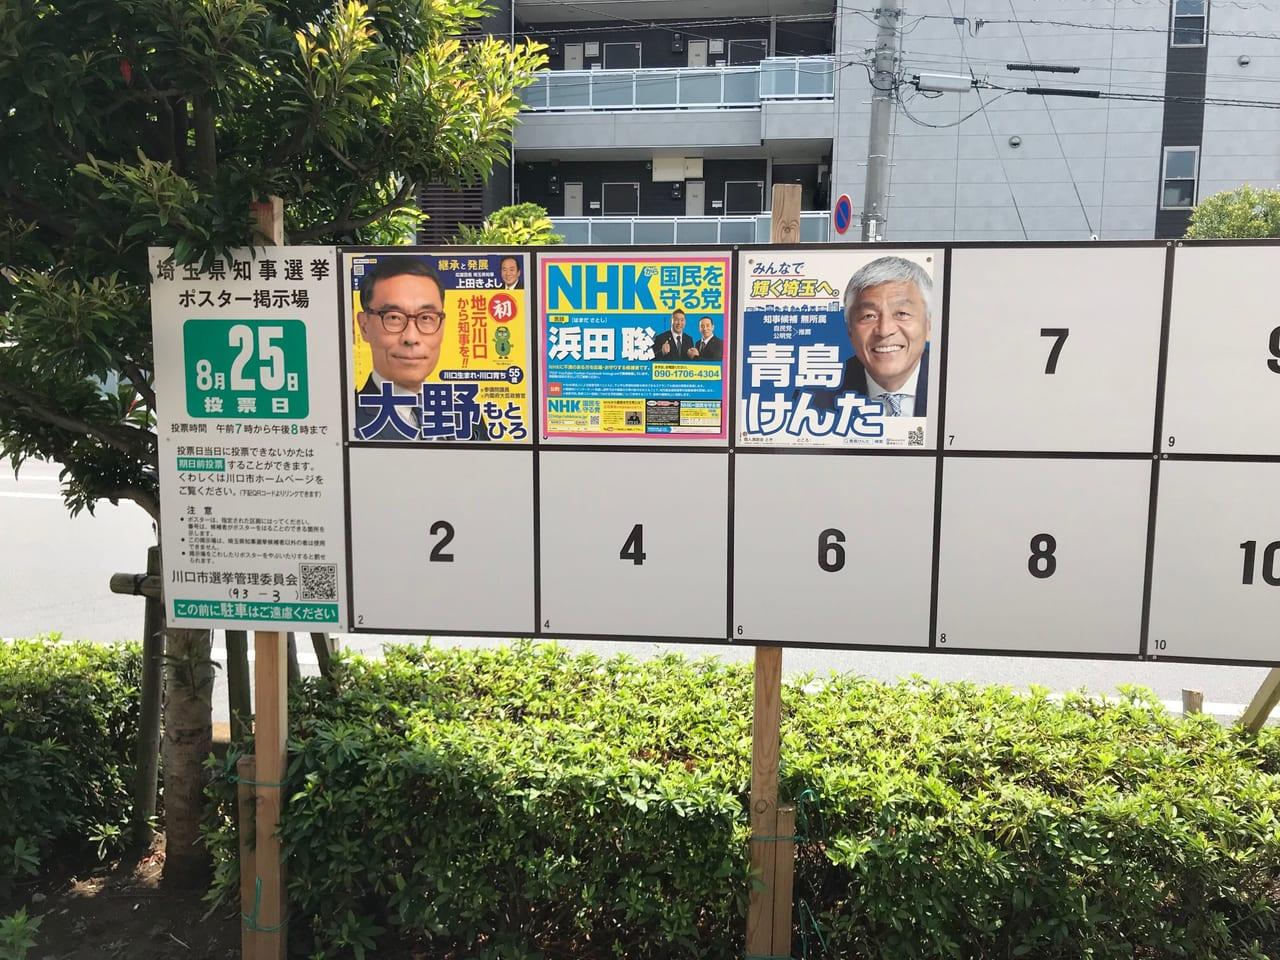 埼玉 県 知事 選挙 候補 者